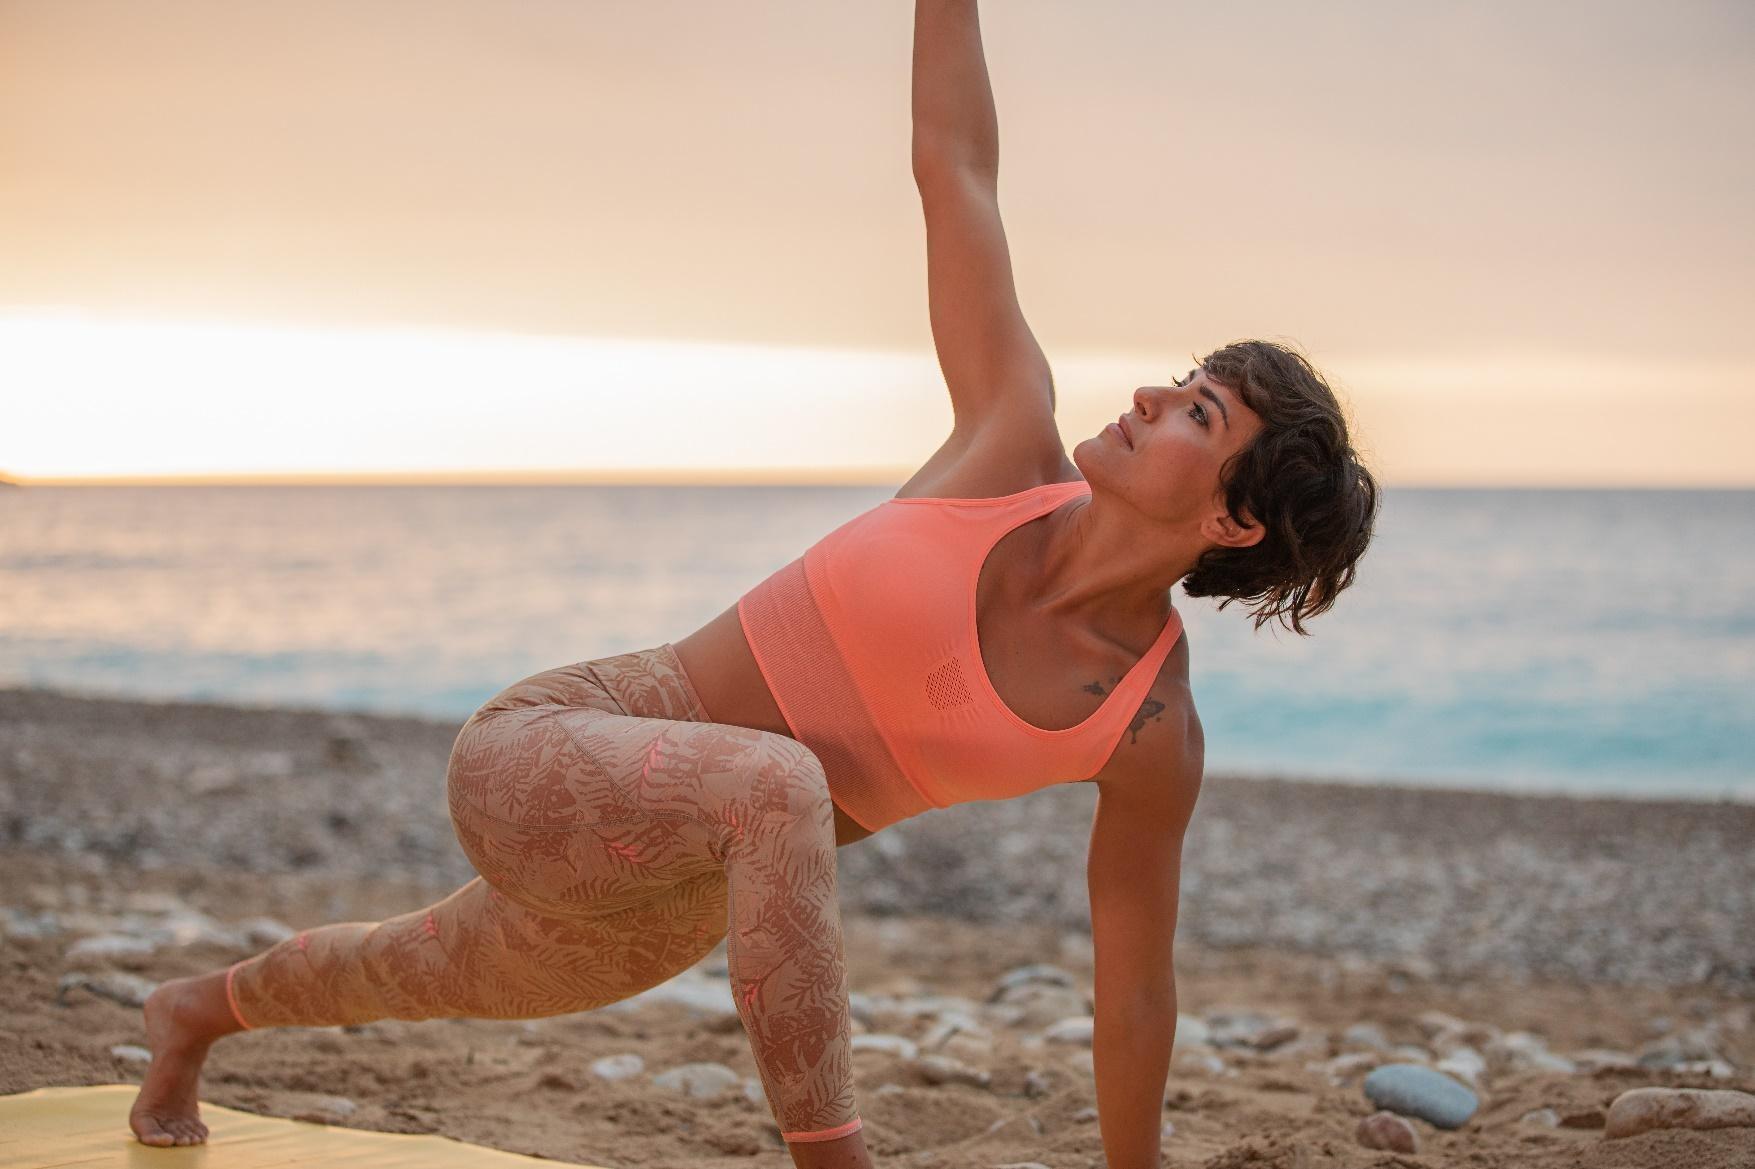 Kimjaly, la marca de yoga de Decathlon, lanza una edición limitada con Alicia Ortuño